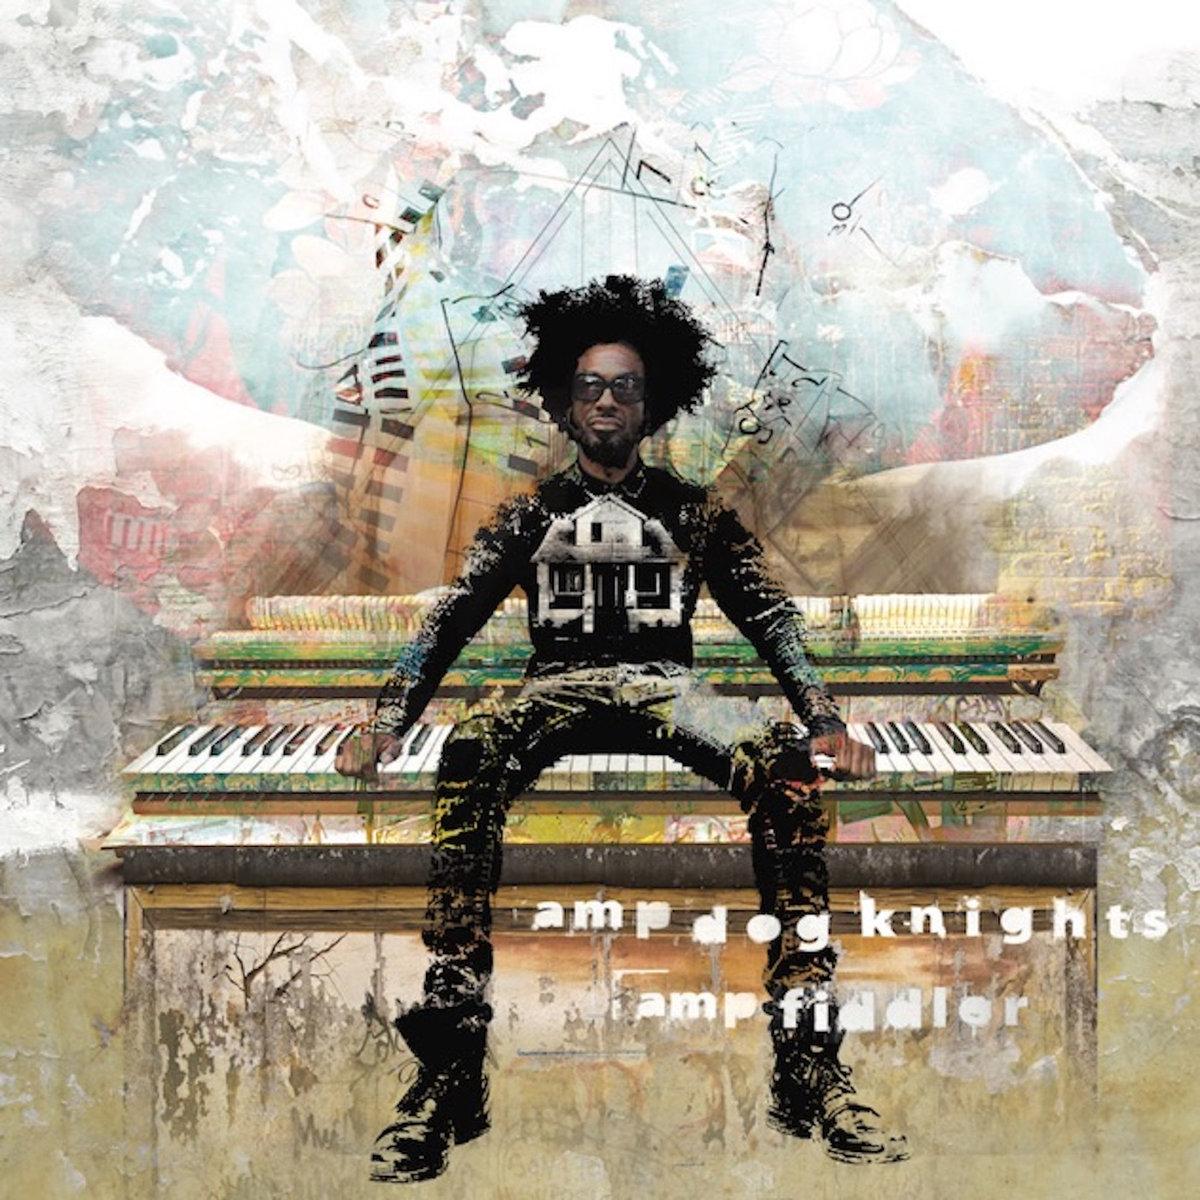 Amp Dog Knights von Amp Fiddler | Full Album Stream - Ein Stück Musikgeschichte